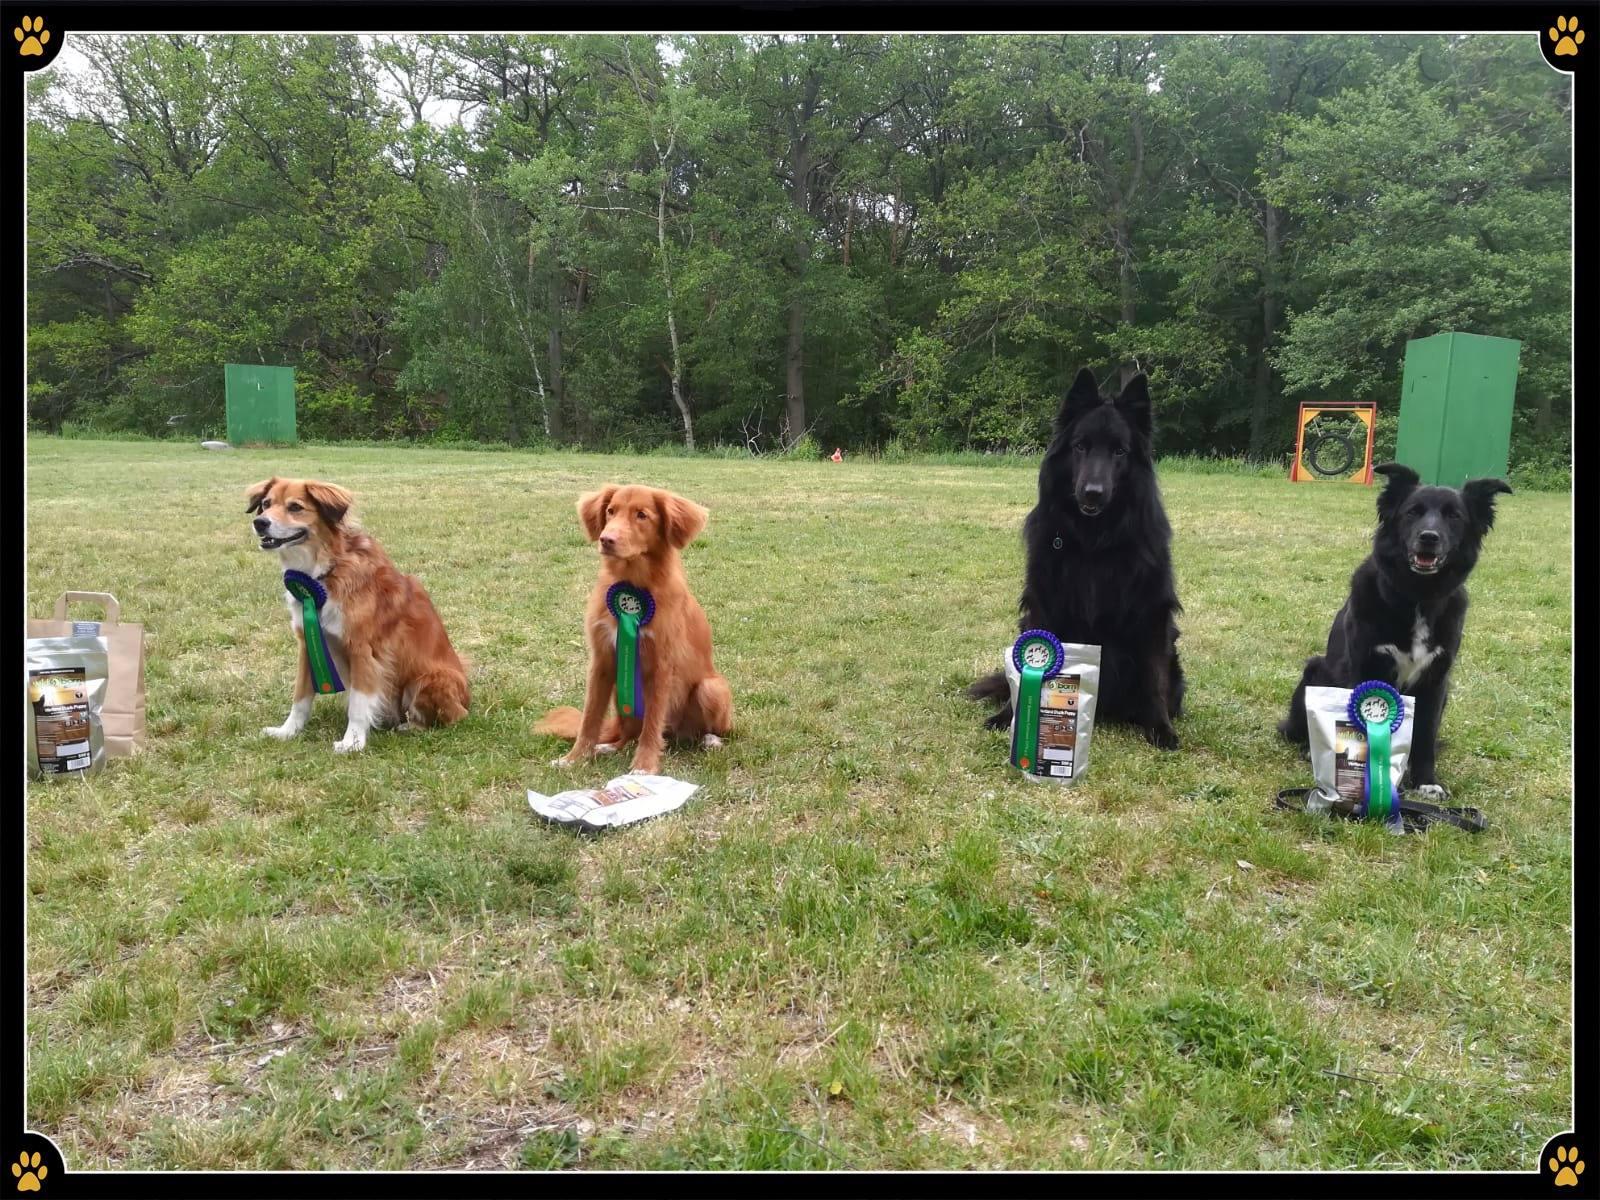 - Bei Rally Obedience handelt es sich um eine abwechslungsreichen Sportart in der Parcours und Obedience-Übungen kombiniert werden und die Zusammenarbeit als Team gefragt ist. 🐾💛Zwar steht der Spaß im Vordergrund, dennoch sind auch Präzision, Tempo und die perfekte Kommunikation zwischen Mensch und Hund von großer Bedeutung.🤩Am vergangenen Samstag, dem 25.05.2019, fand der 1.Spargel Cup im Hundesportverein Kremmen/Schwante 1979 e. V. statt. Auch 3 unserer Hundeschüler starteten mit ihren Hunden auf diesem Rally Obedience Turnier. 🐕Sie erzielten unter der fachmännischen Bewertung von Richterin Astrid Heilig hervorragende Ergebnisse!💪🏻Wir gratulieren: Bärbel mit ihrem Fido zu einem